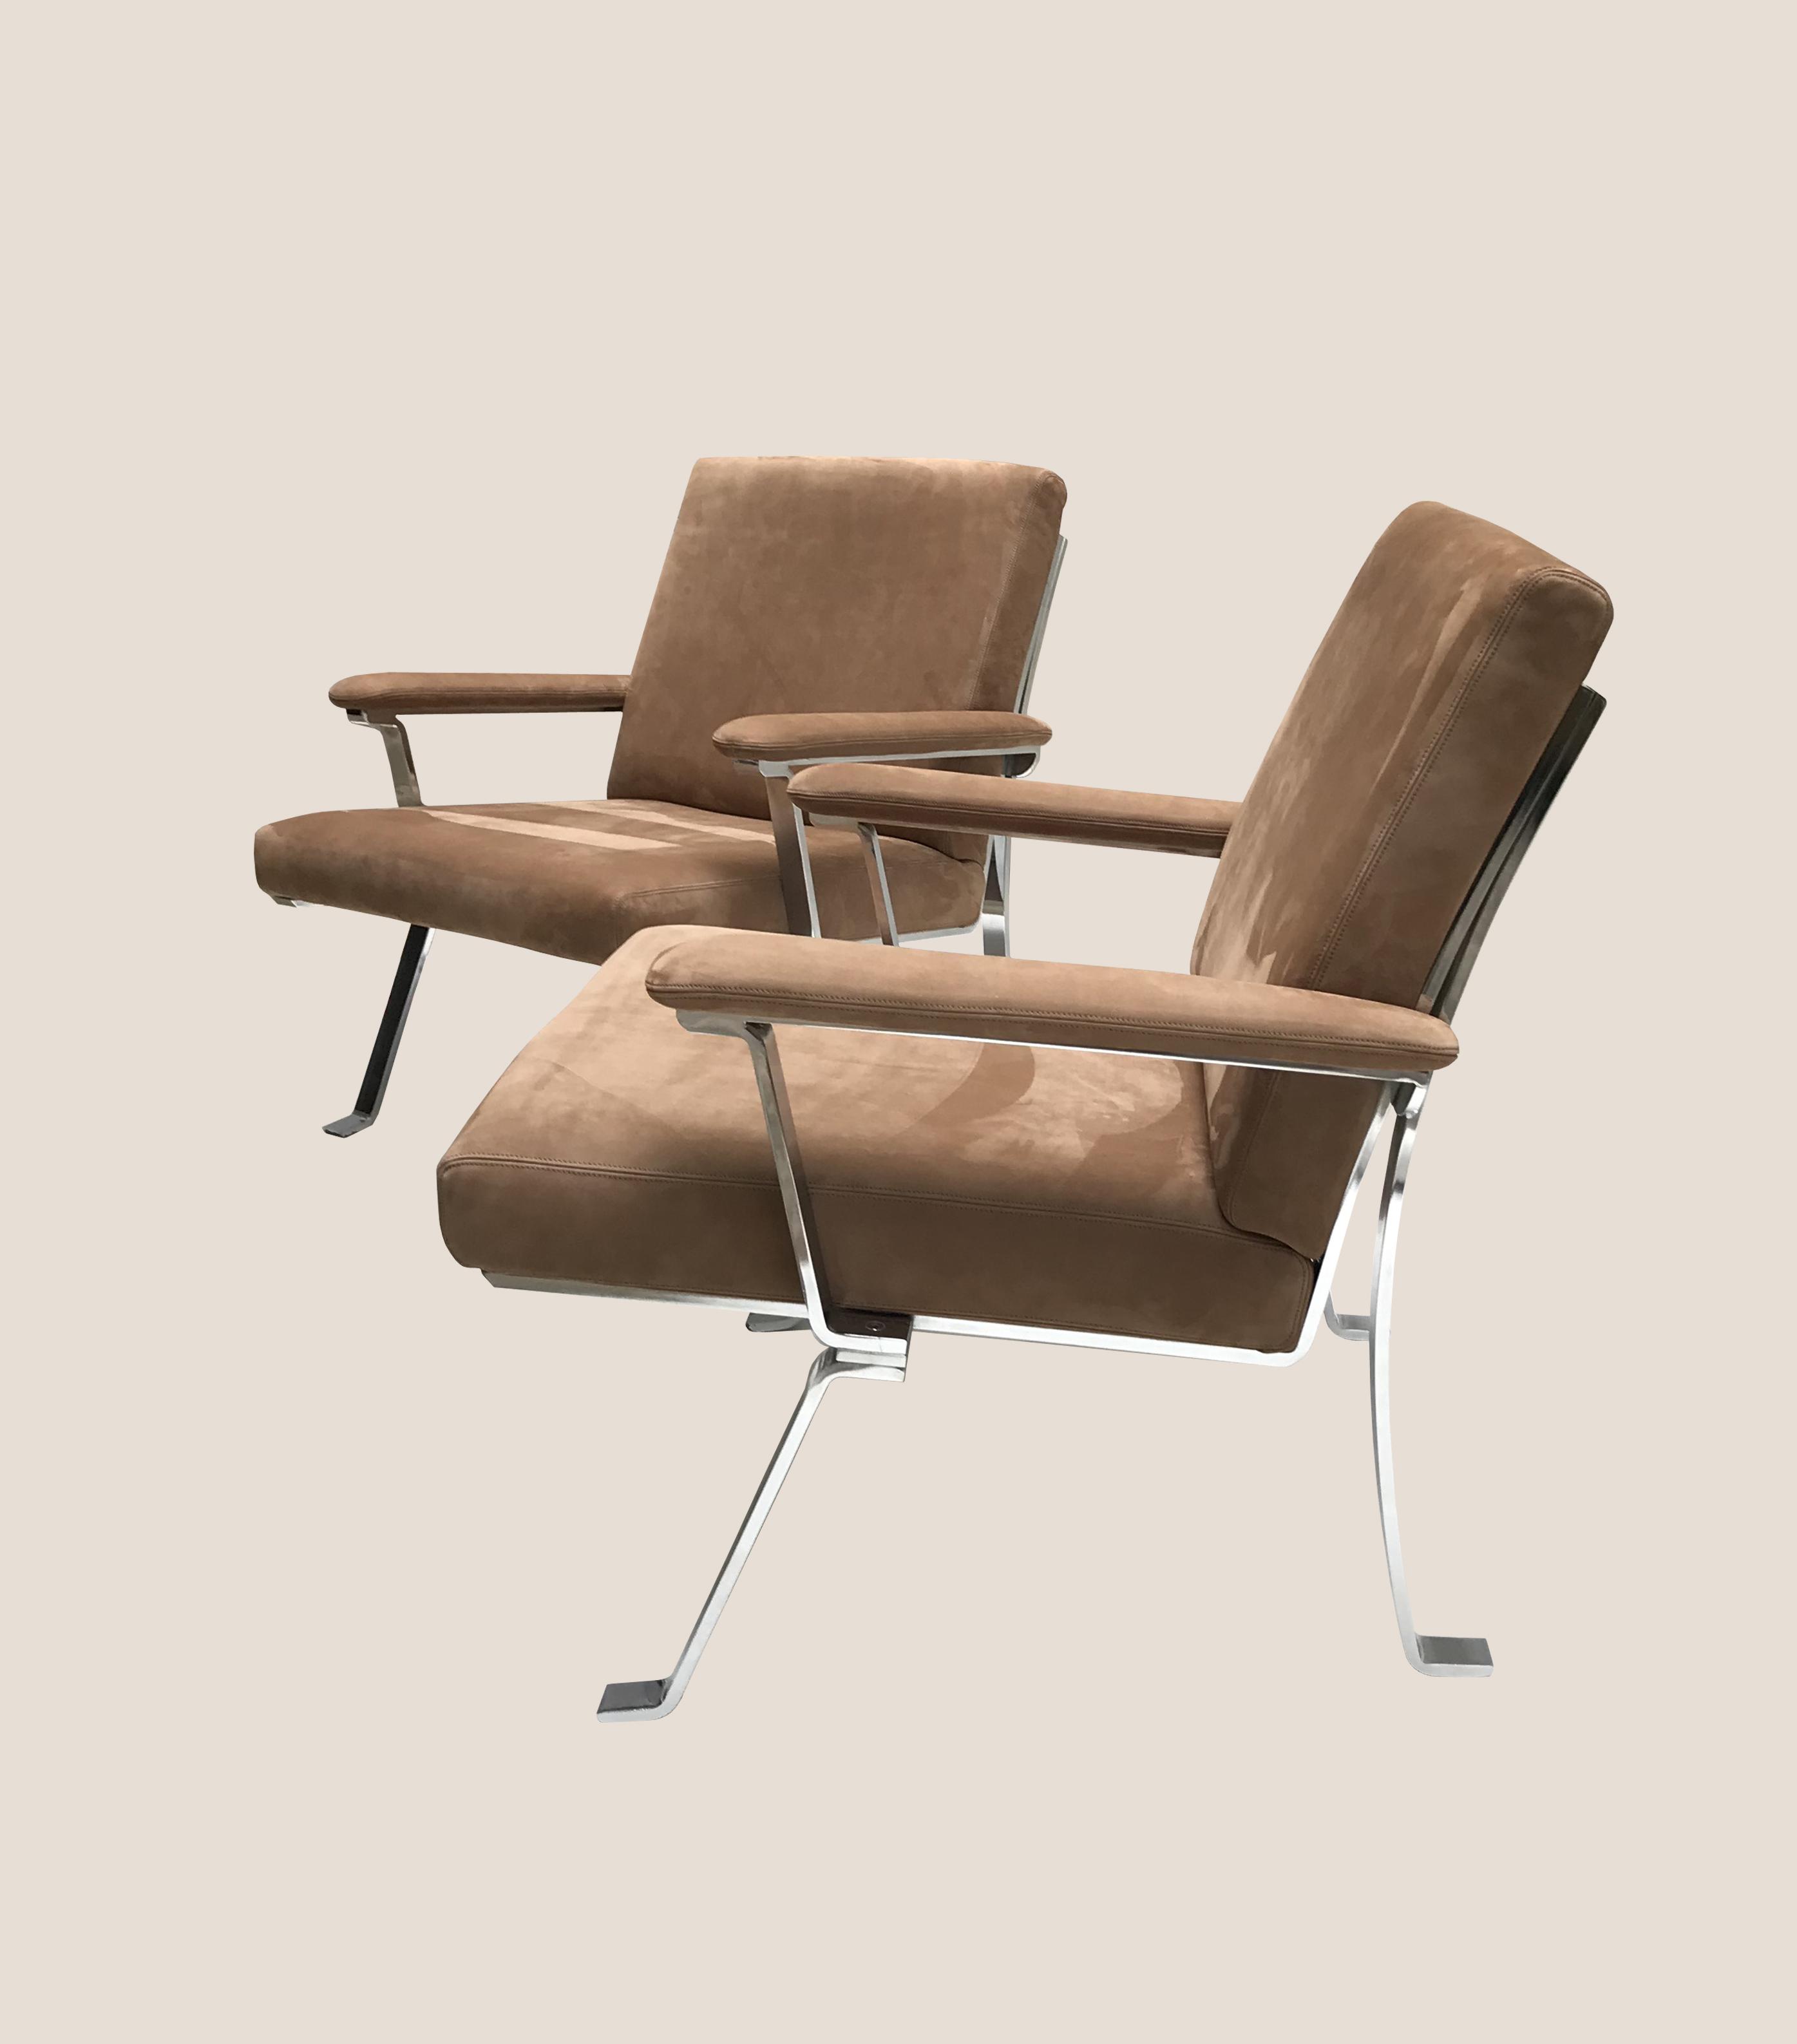 fauteuils nubuck 2